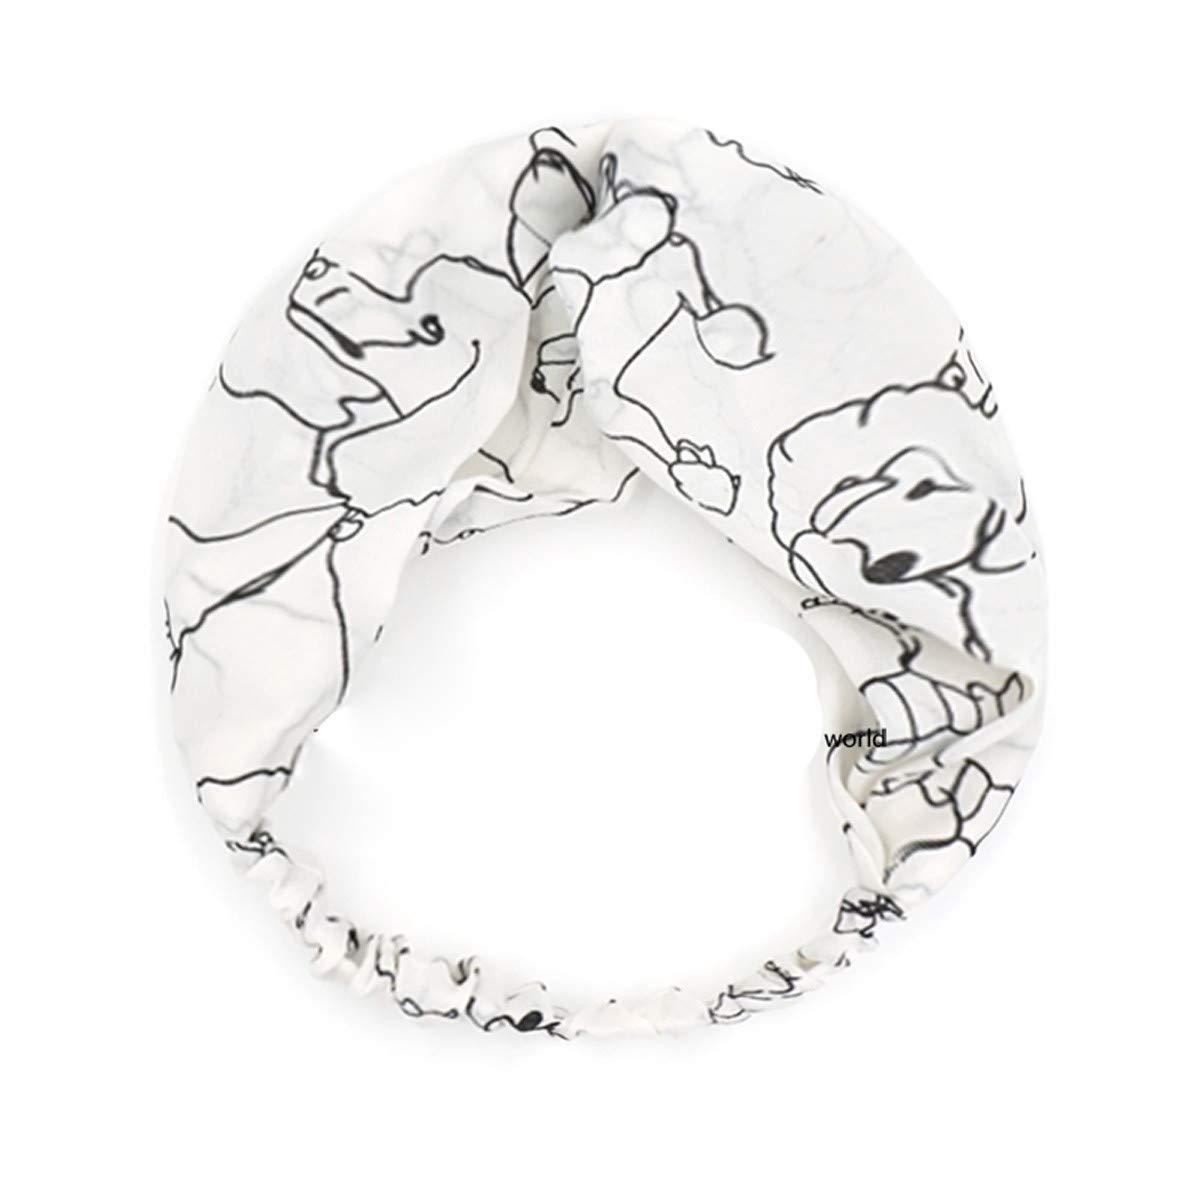 Olici Fascia per Capelli Donna La Moda Stampa Croce Arte Linee Scherzando Parrucchieri Parrucchieri Gomito Gomito